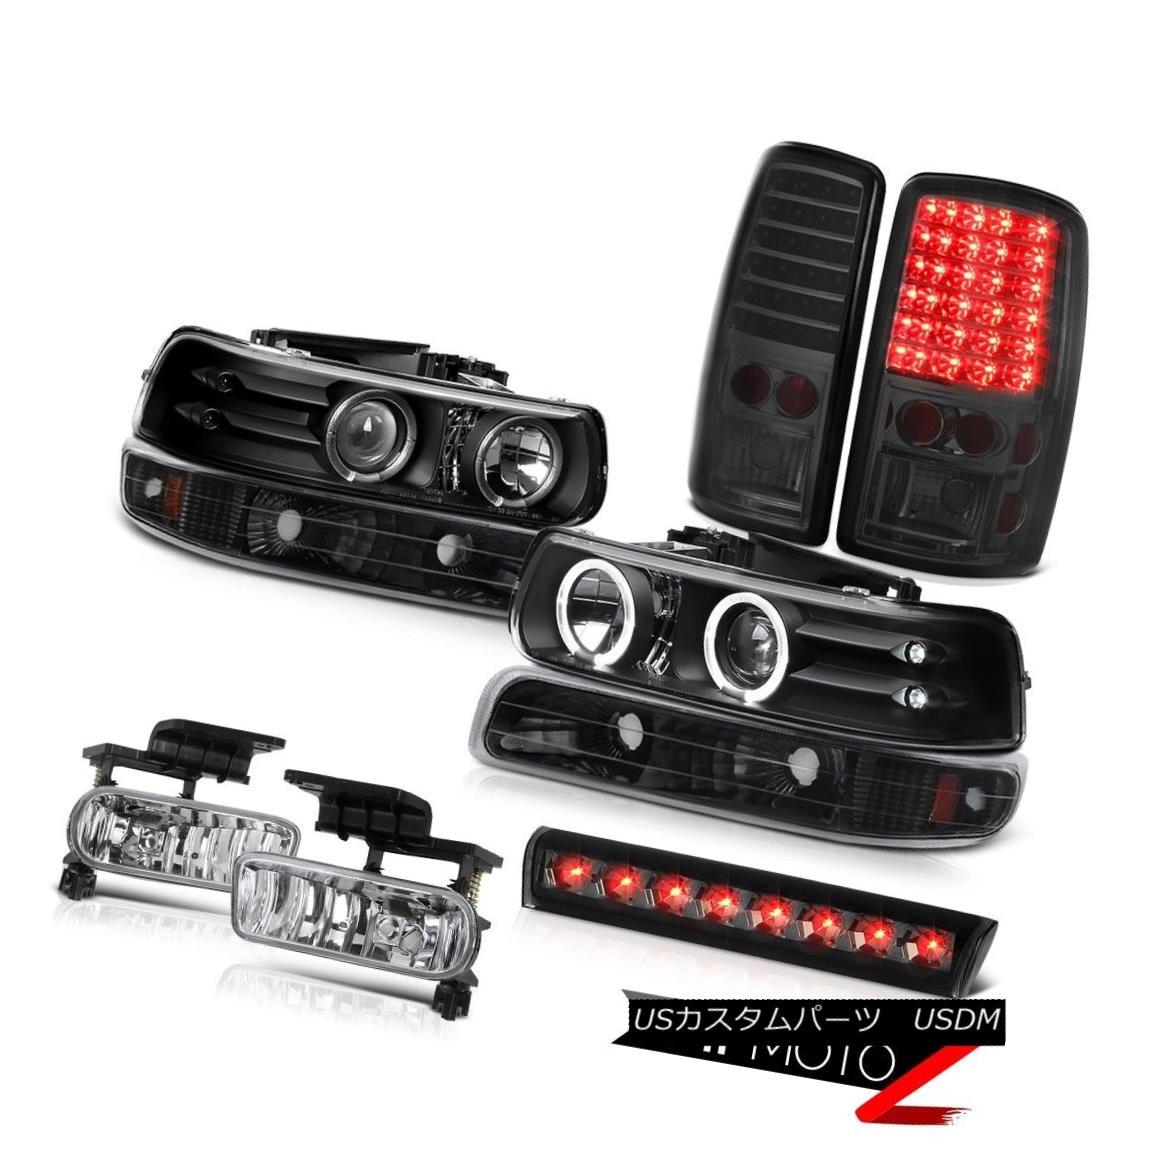 テールライト 2000-2006 Tahoe LS Third brake light foglamps taillights black parking Headlamps 2000-2006タホLS第3ブレーキライトフォグランプテールライトブラックパーキングヘッドランプ